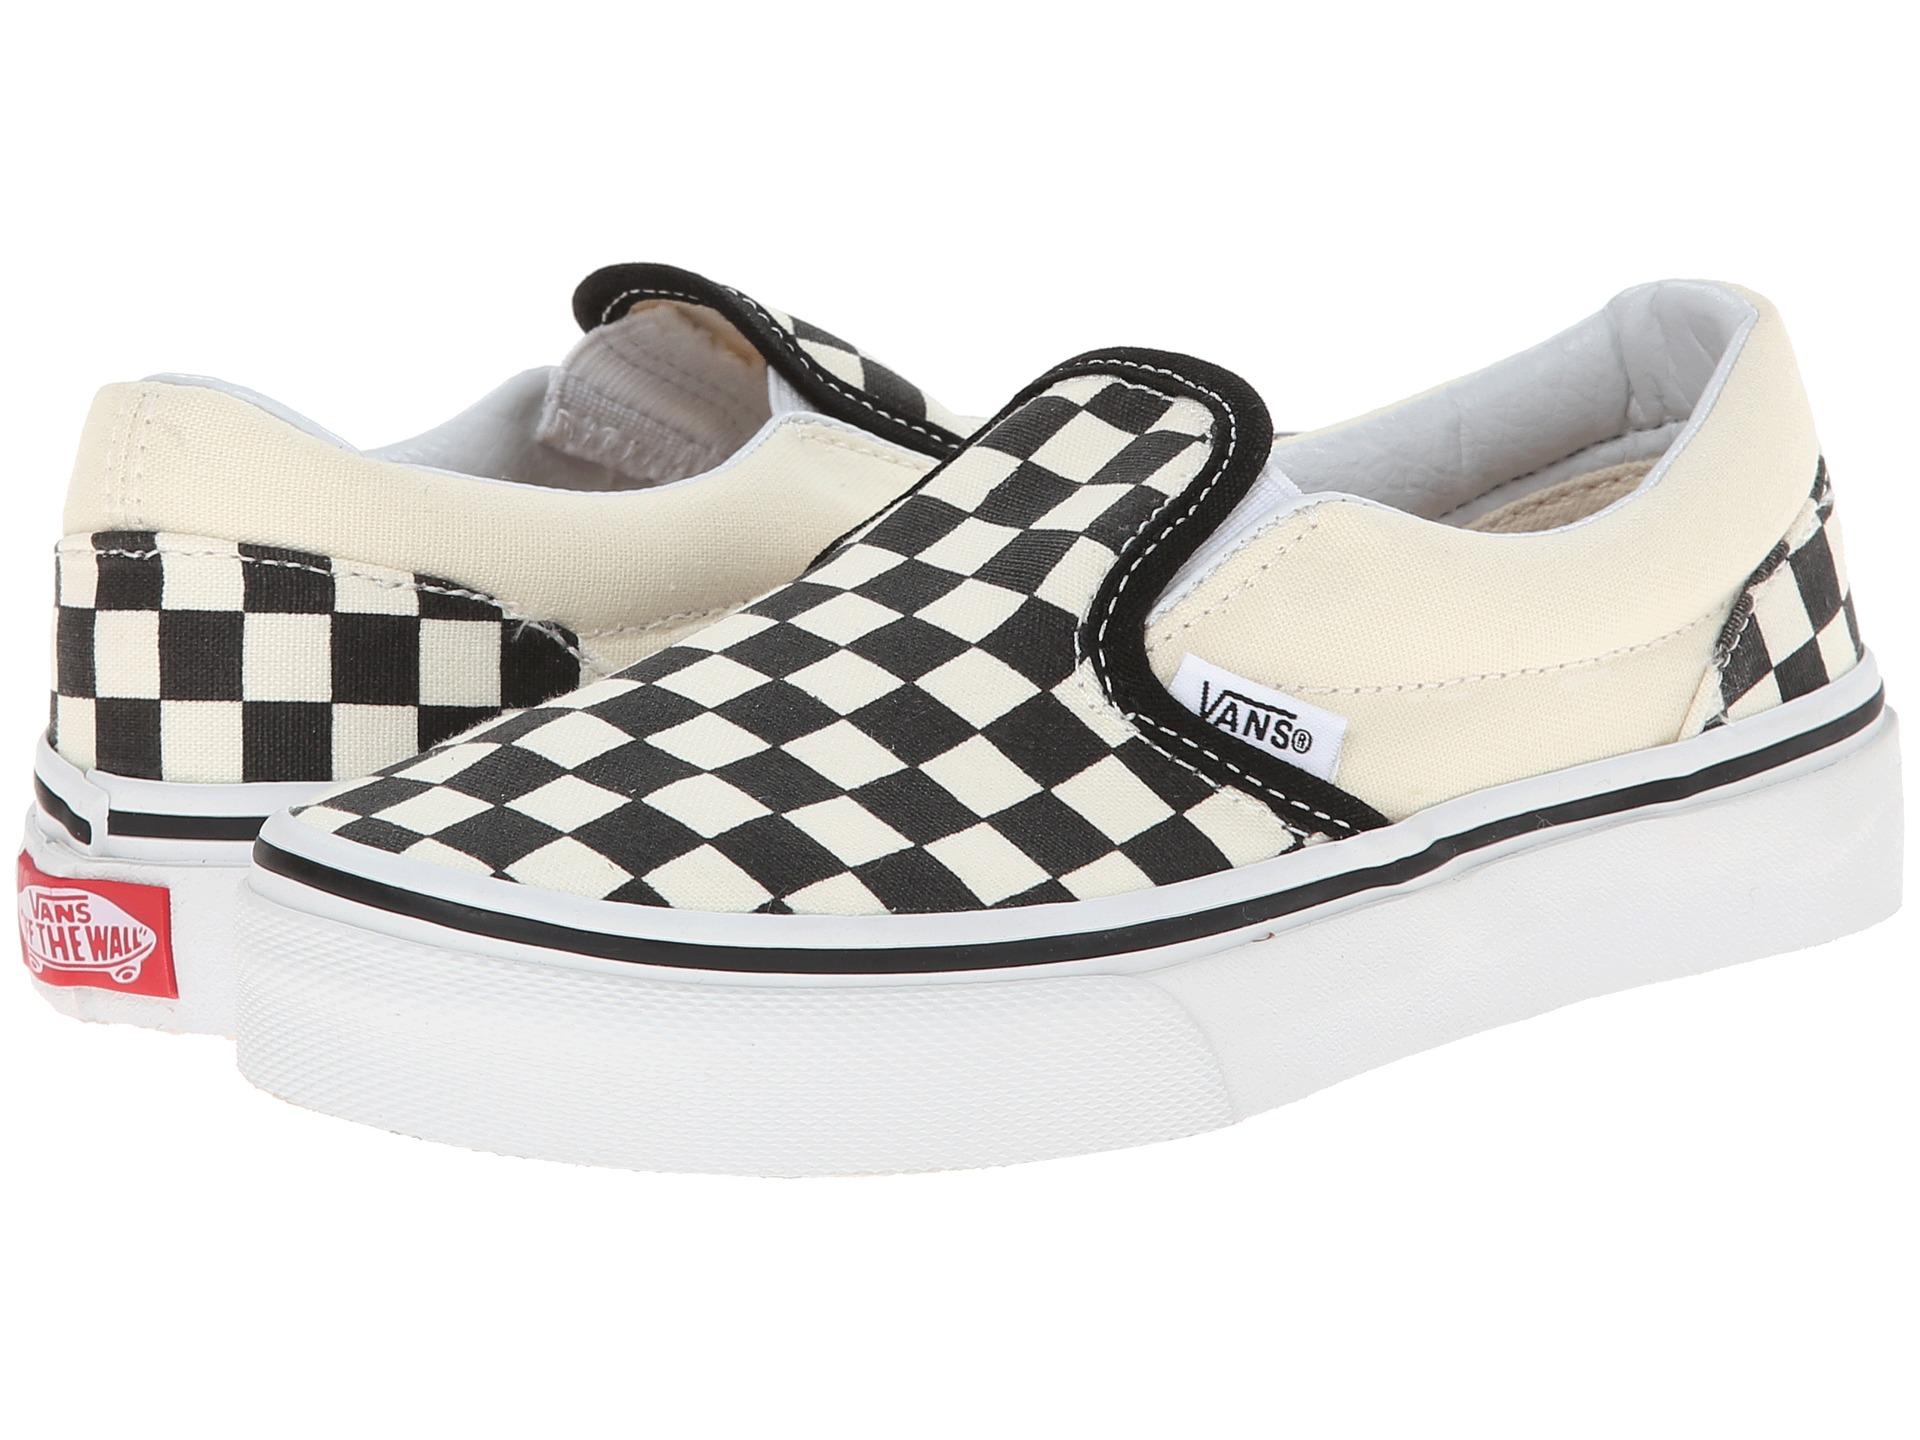 Vans School Shoes Kid